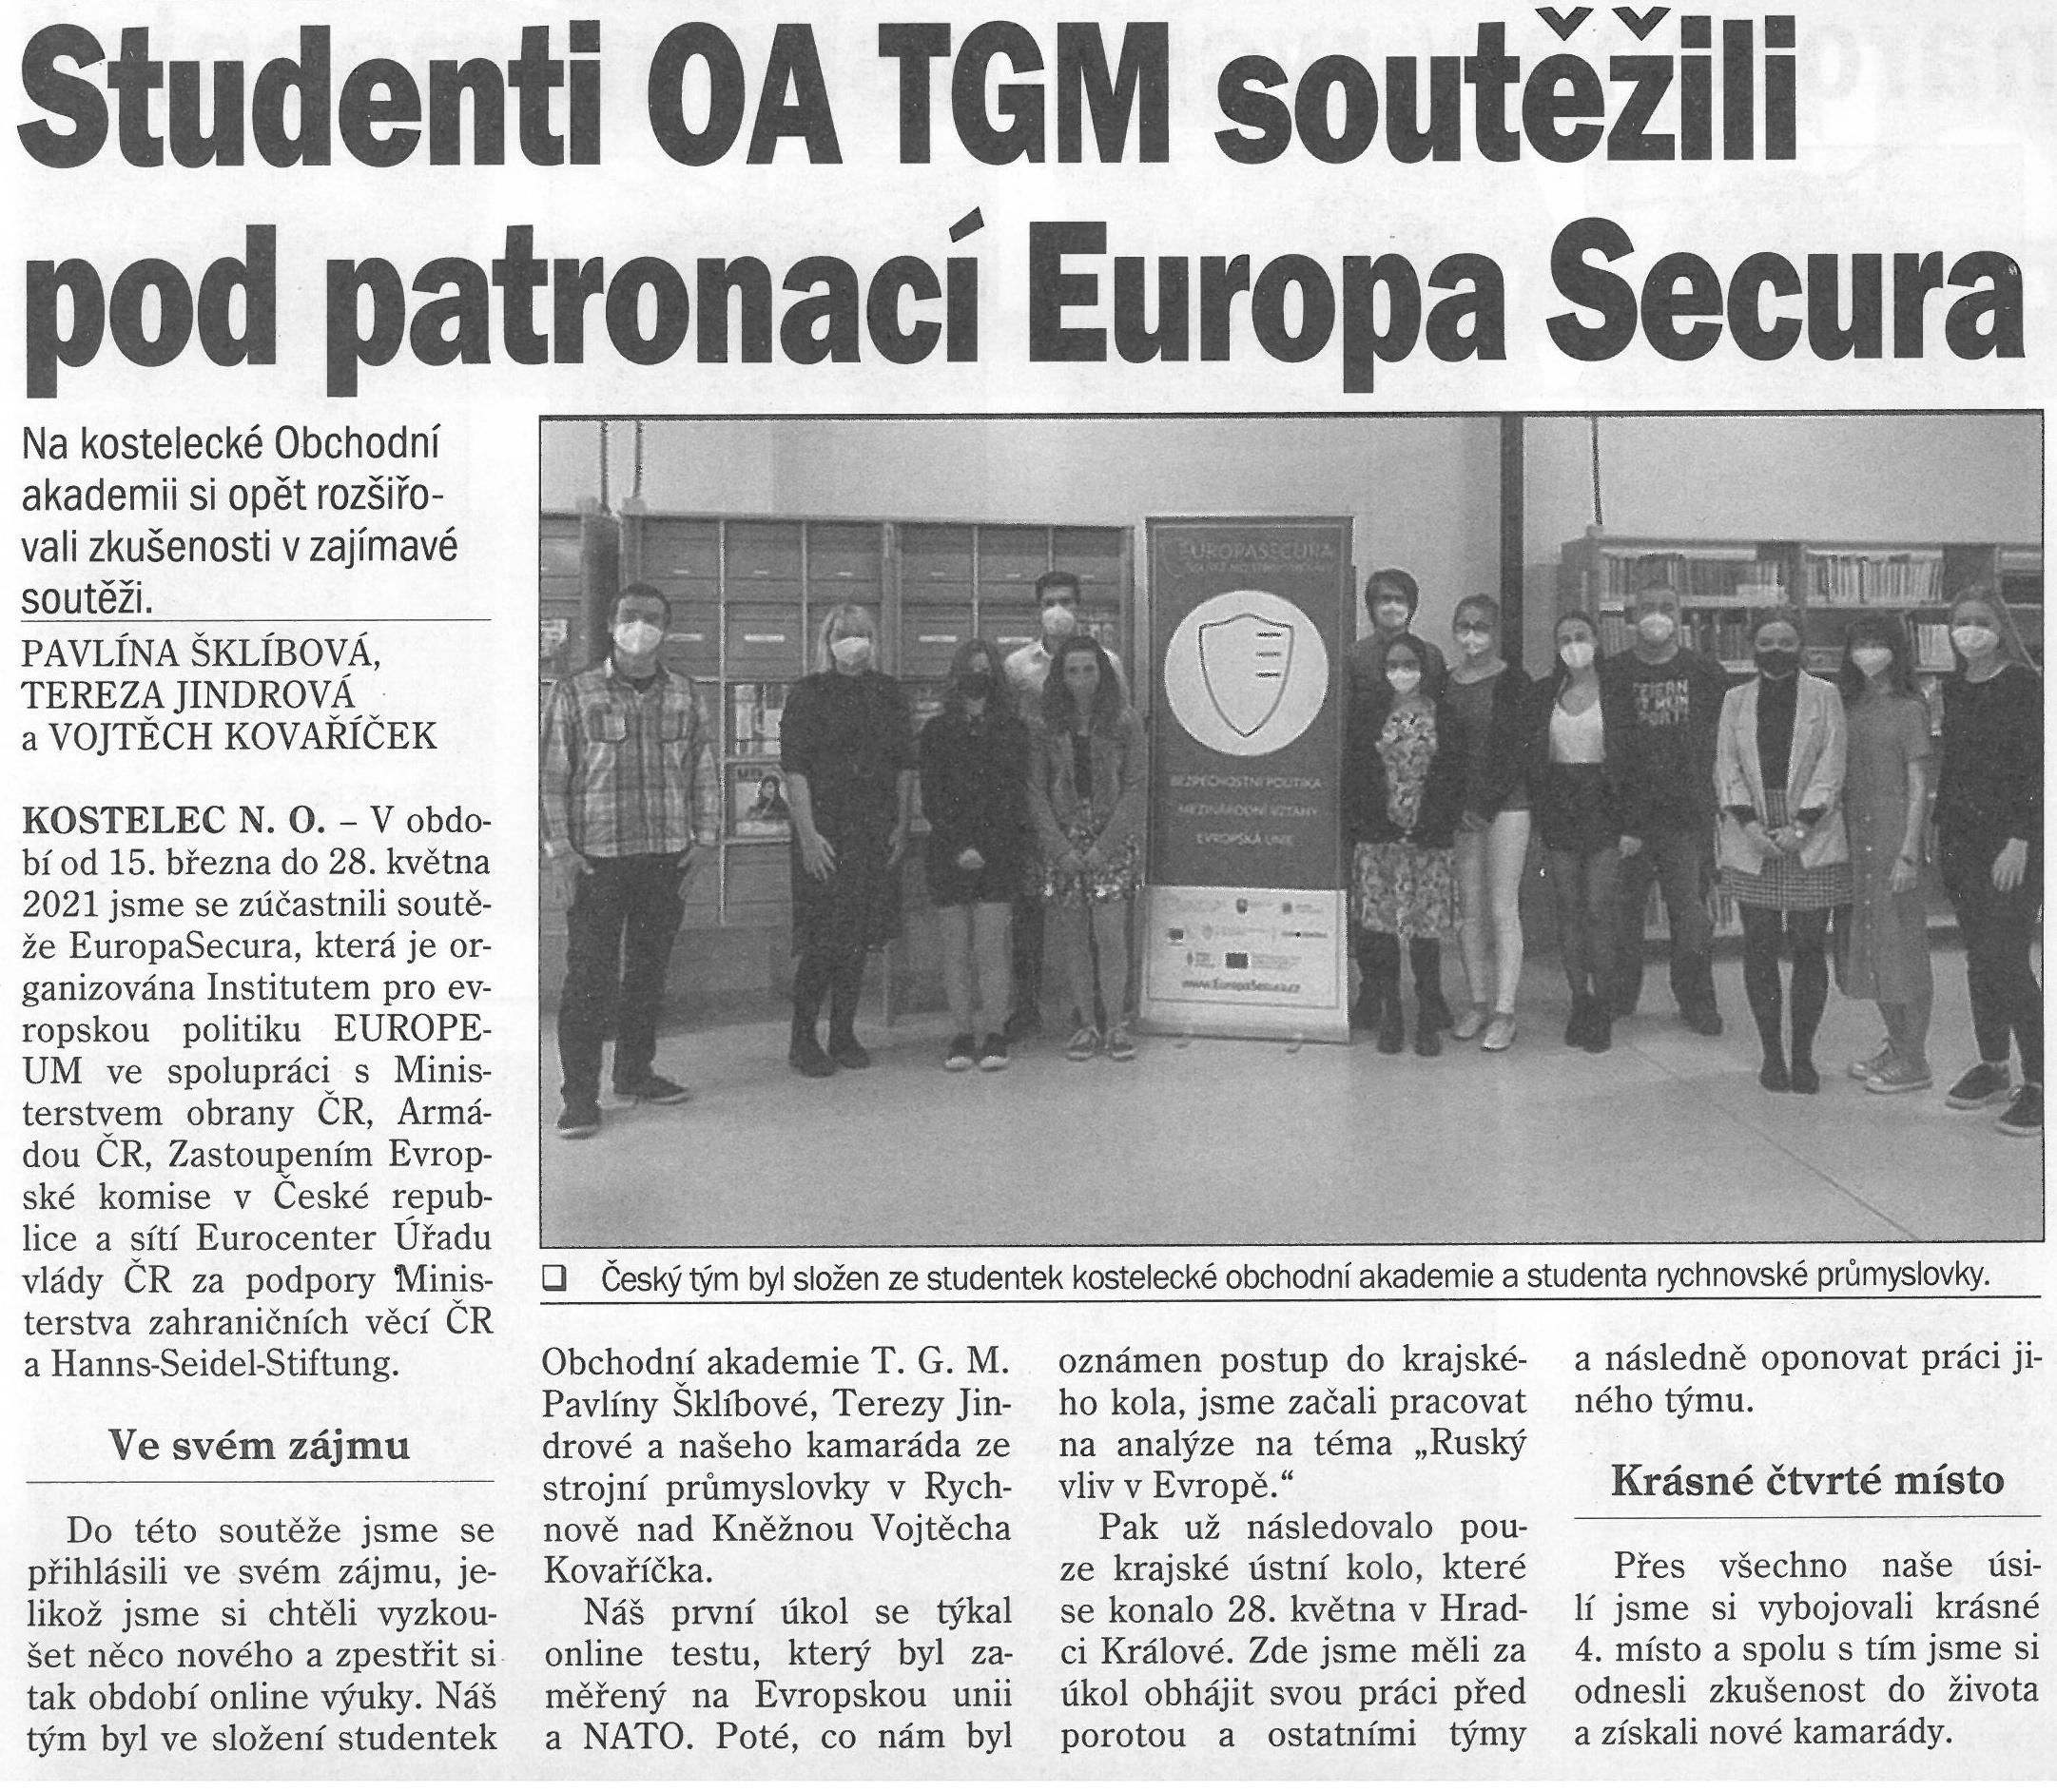 článek z novin - europasecura